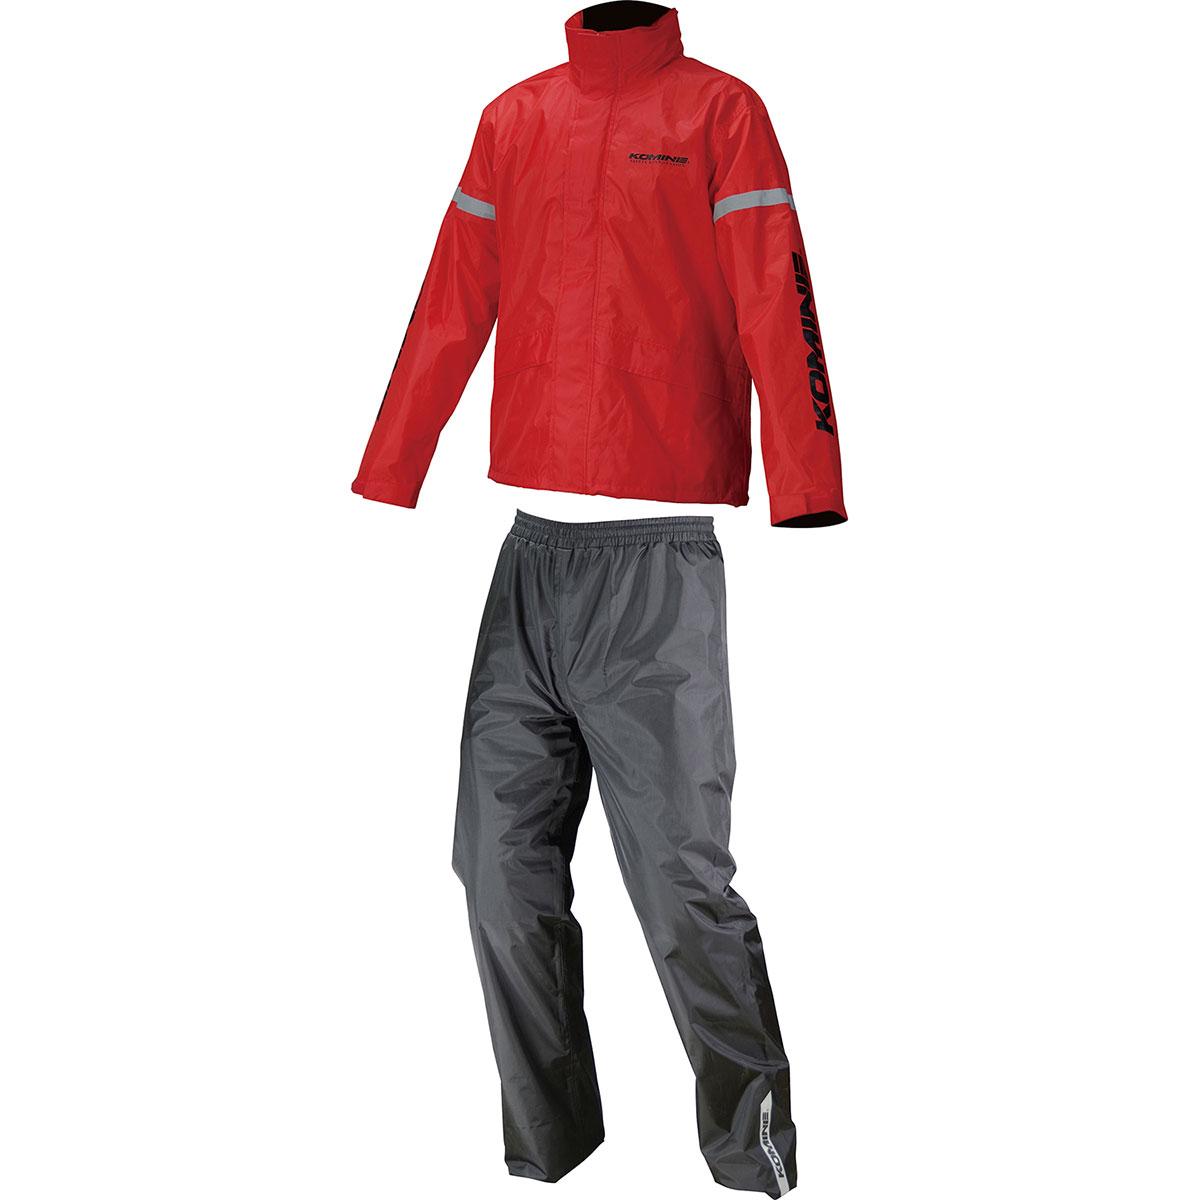 コミネ 贈与 Komine バイク用 レインギア Rain gear 予約 RK-543 赤 STDレインウェア RD レッド XL 03-543 XLサイズ